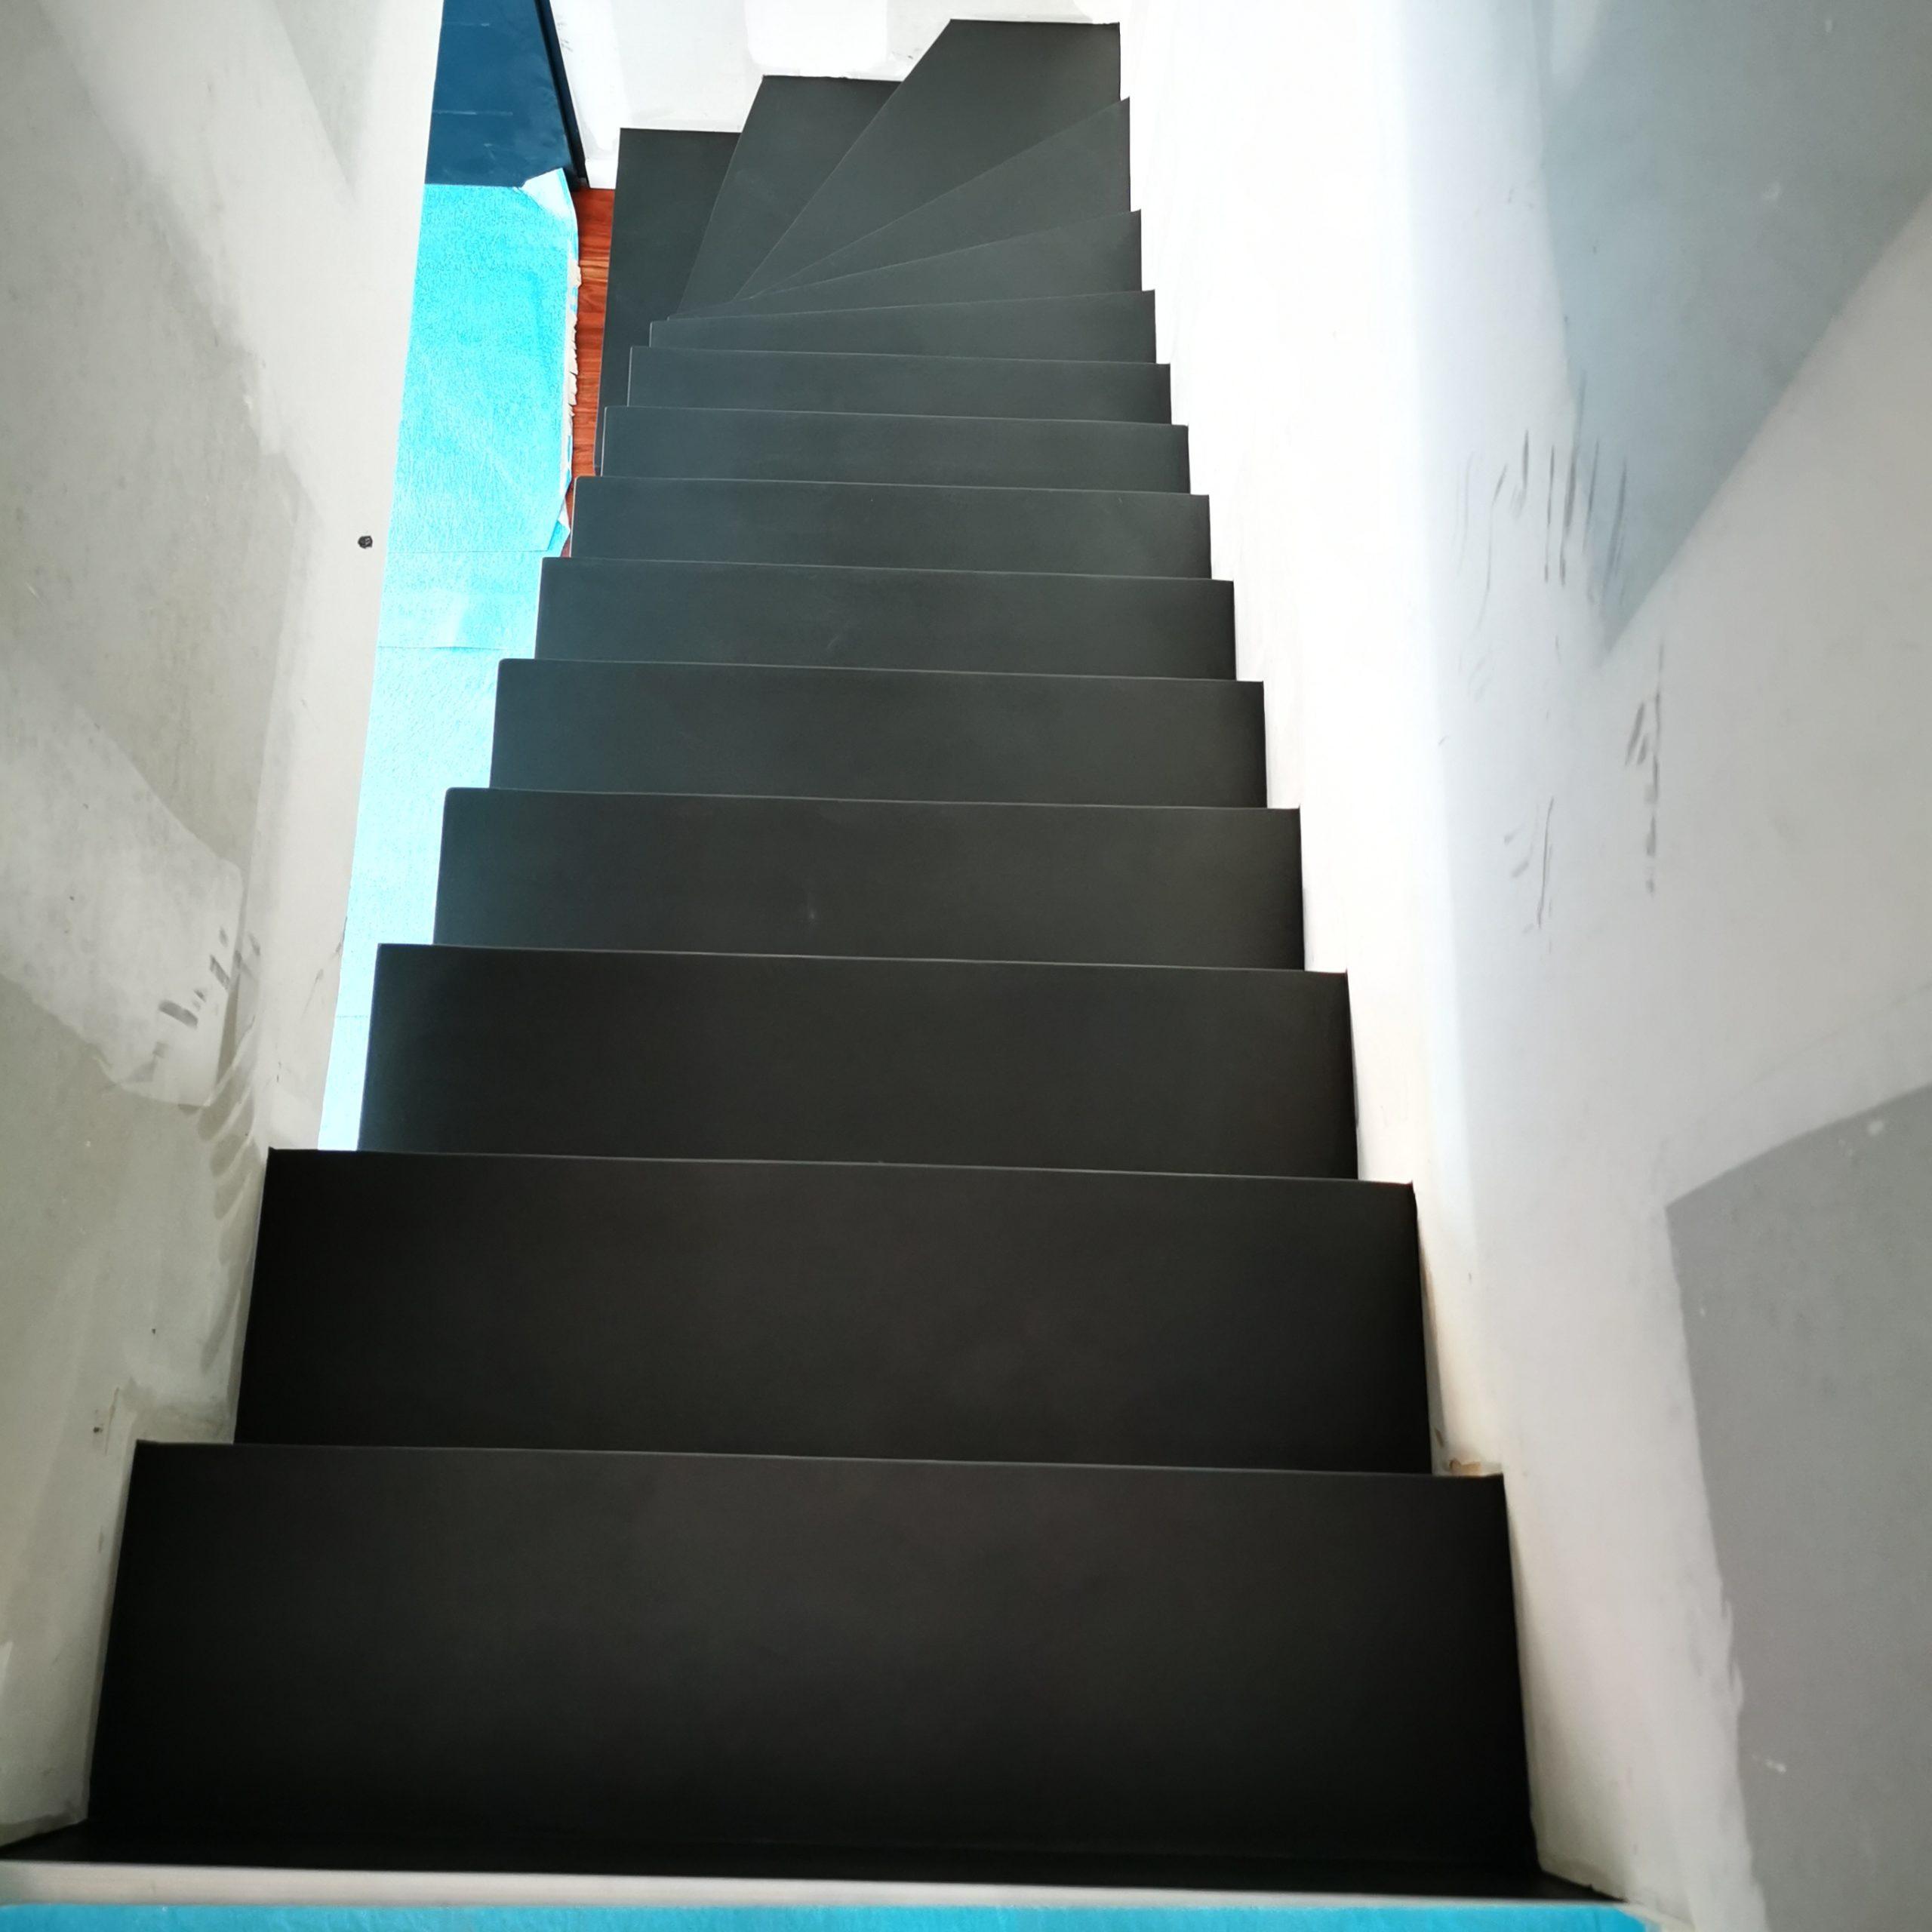 Beton ciré sur un escalier dans une maison individuelle